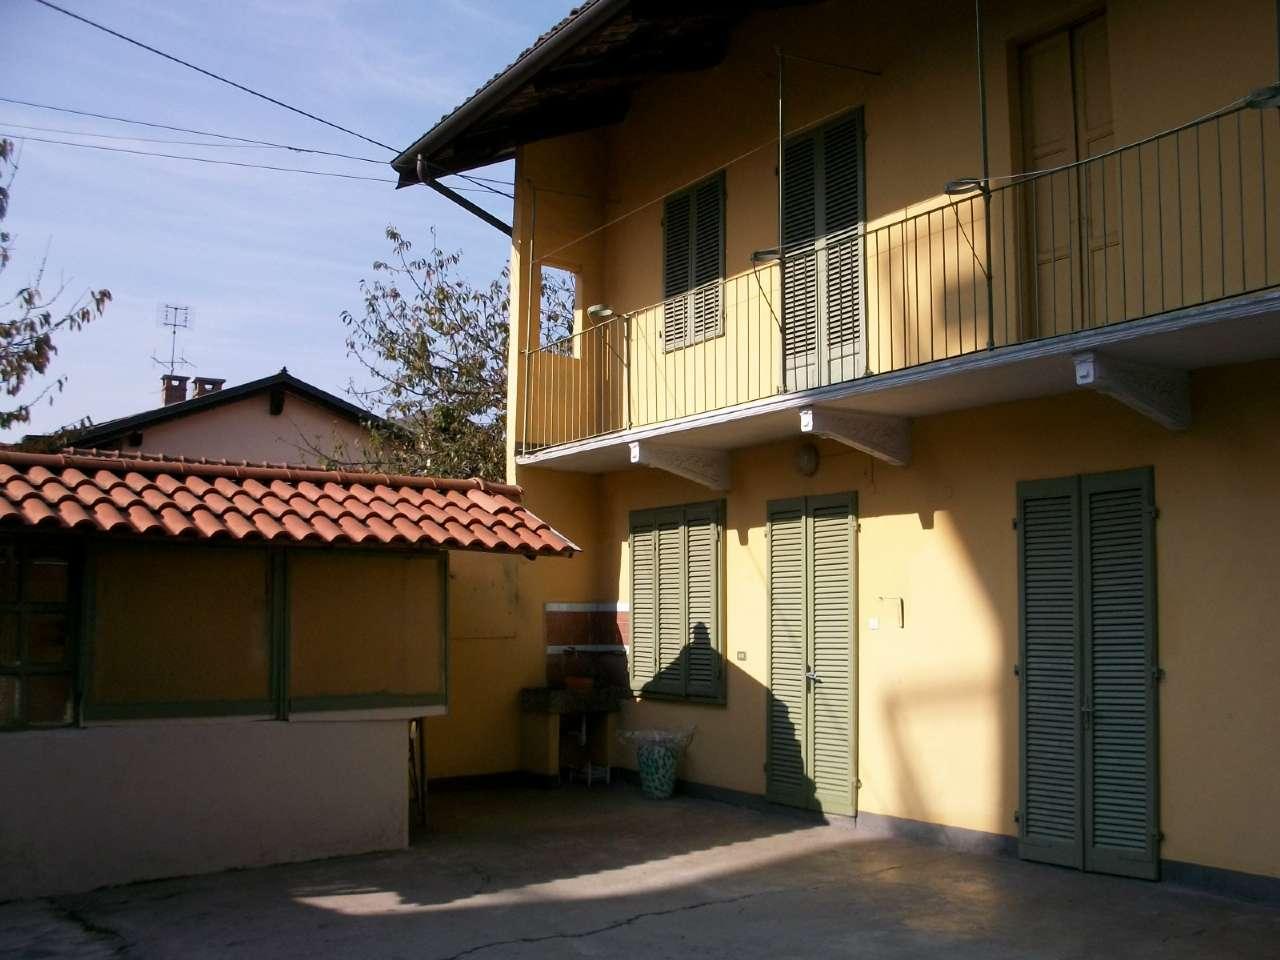 Foto 1 di Casa indipendente piazza ROMA 4, Rondissone